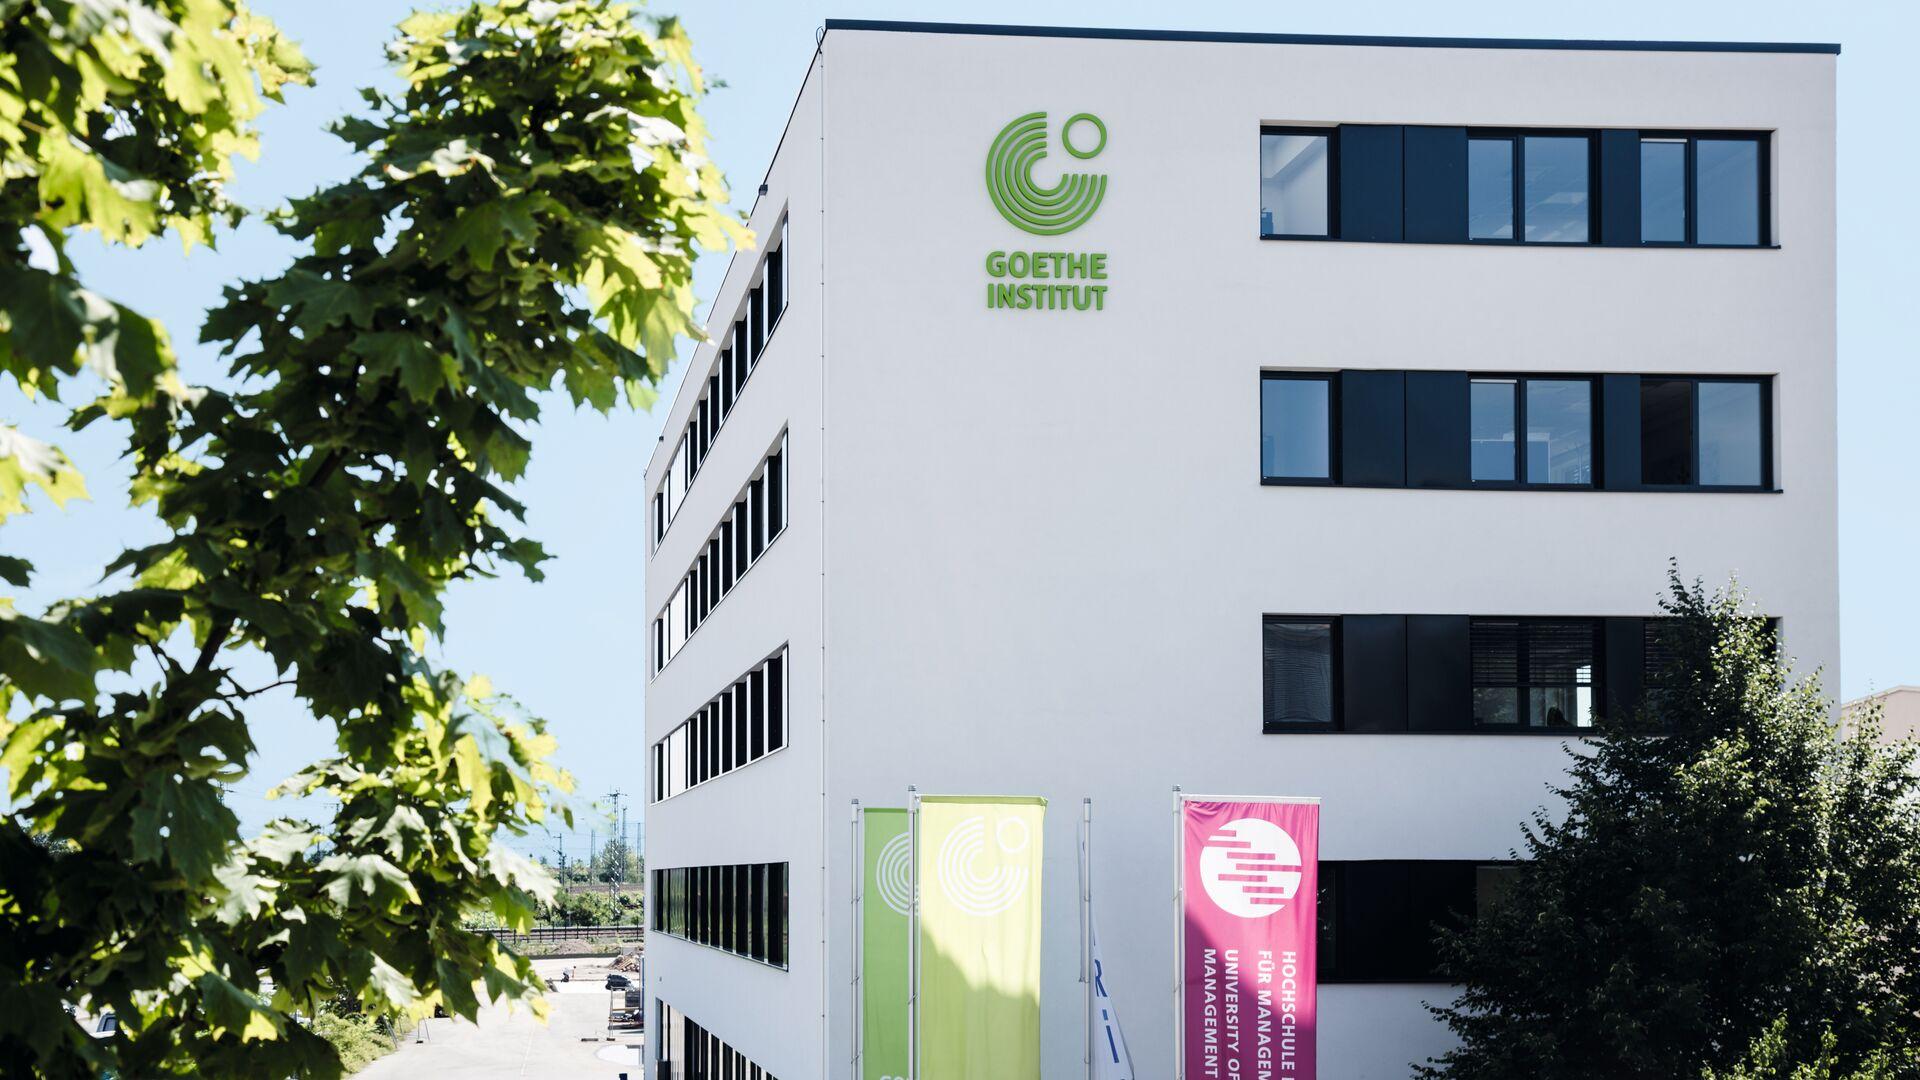 Sprachaufenthalt Deutschland, Mannheim - Goethe-Institut Mannheim - Copyright  © Goethe-Institut